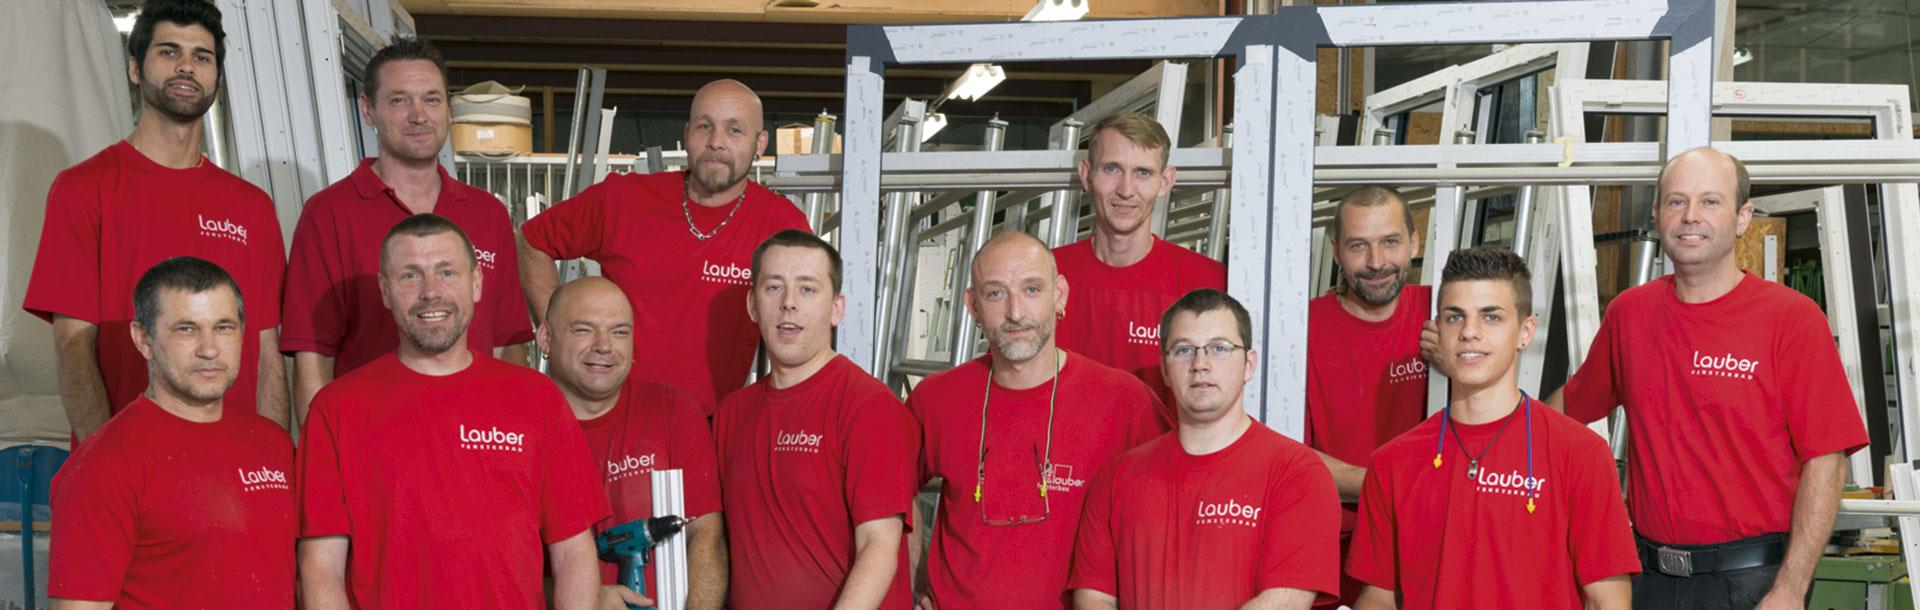 lauber-unser-team3